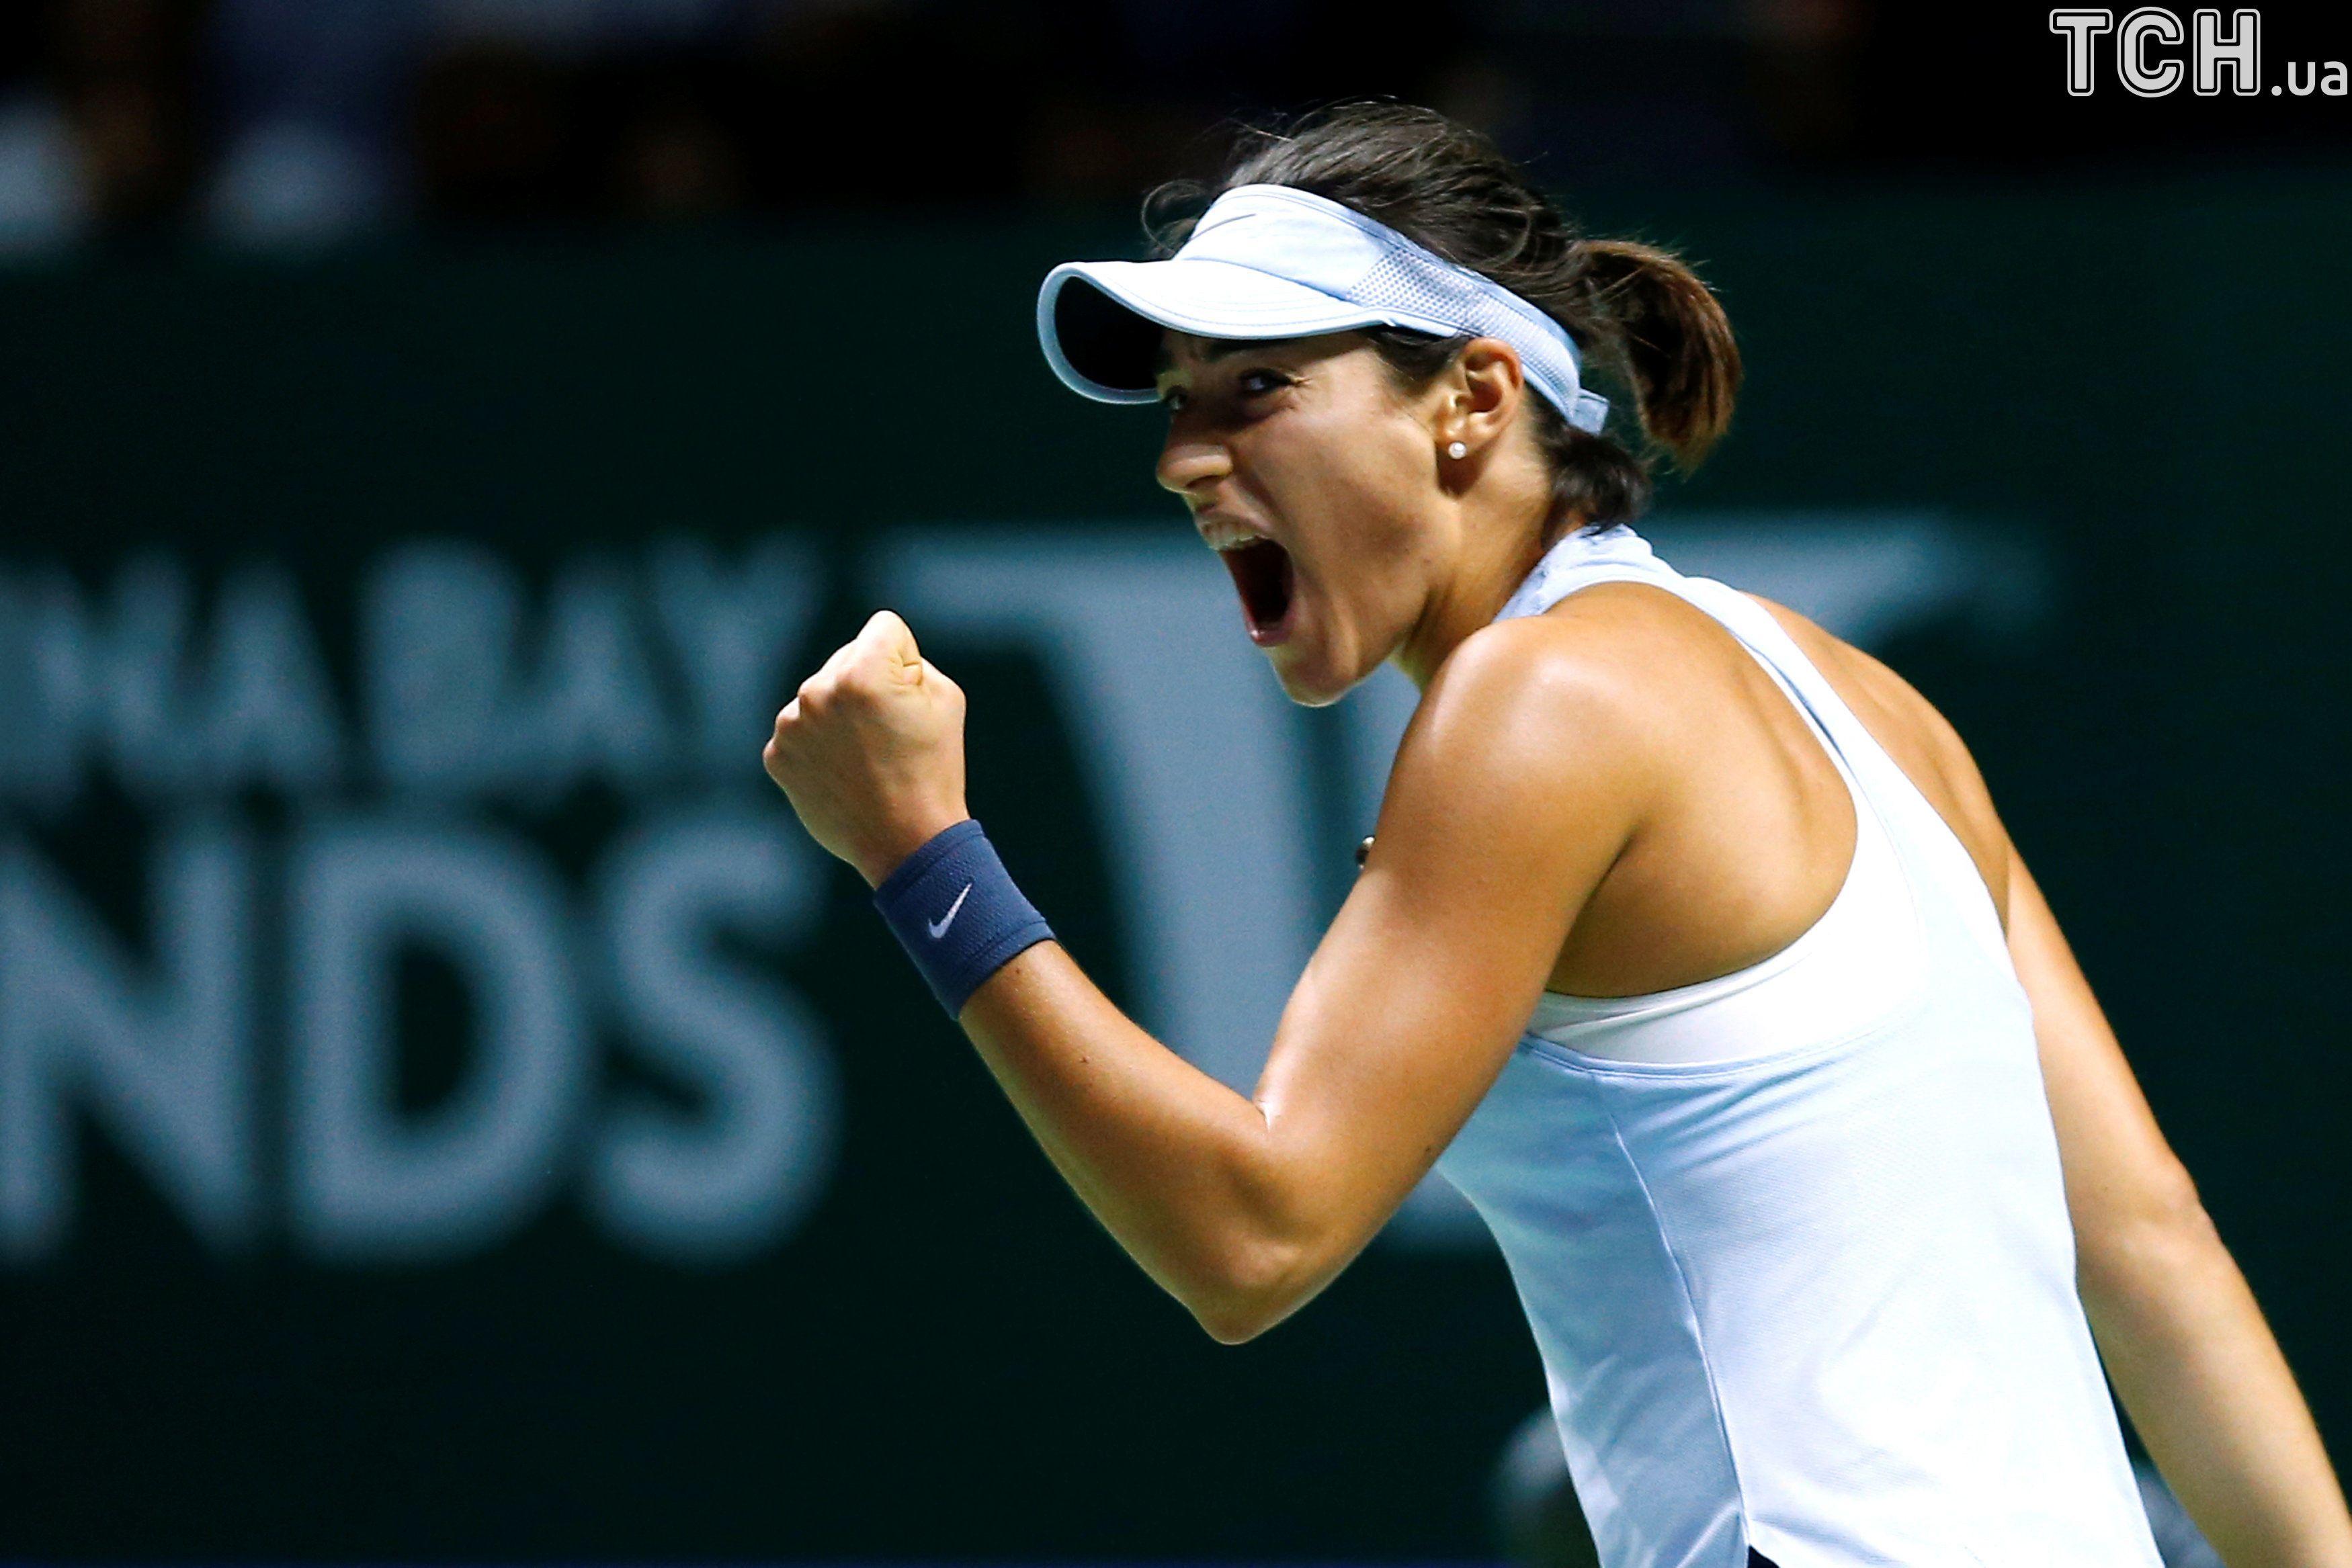 Підсумковий турнір WTA. Еліна Світоліна— Сімона Халеп